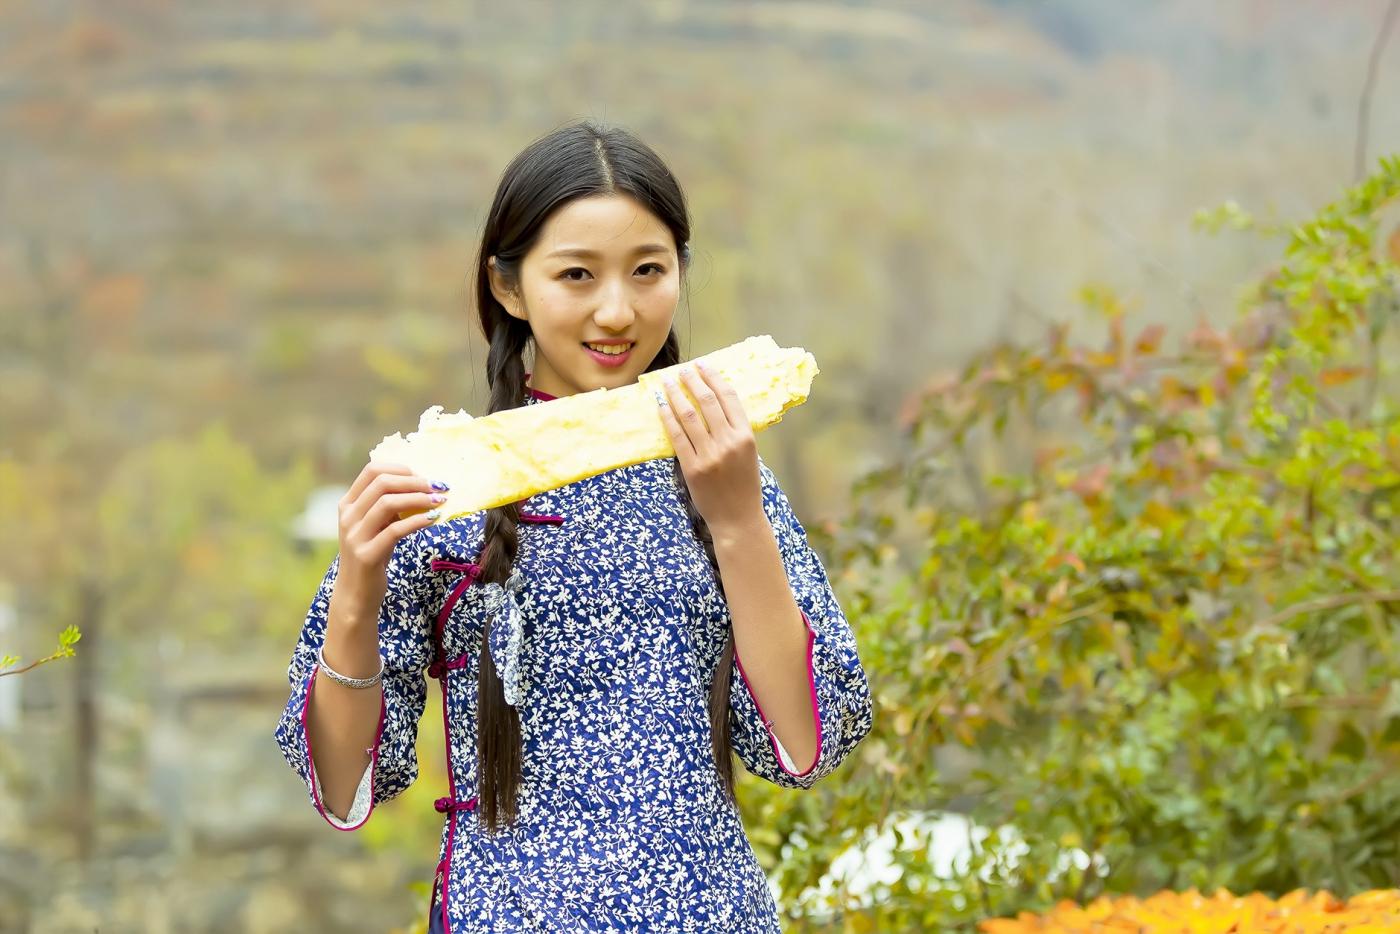 """蒙山人家走来一位可爱的""""煎饼mm"""" 地道的临沂大嫚范_图1-1"""